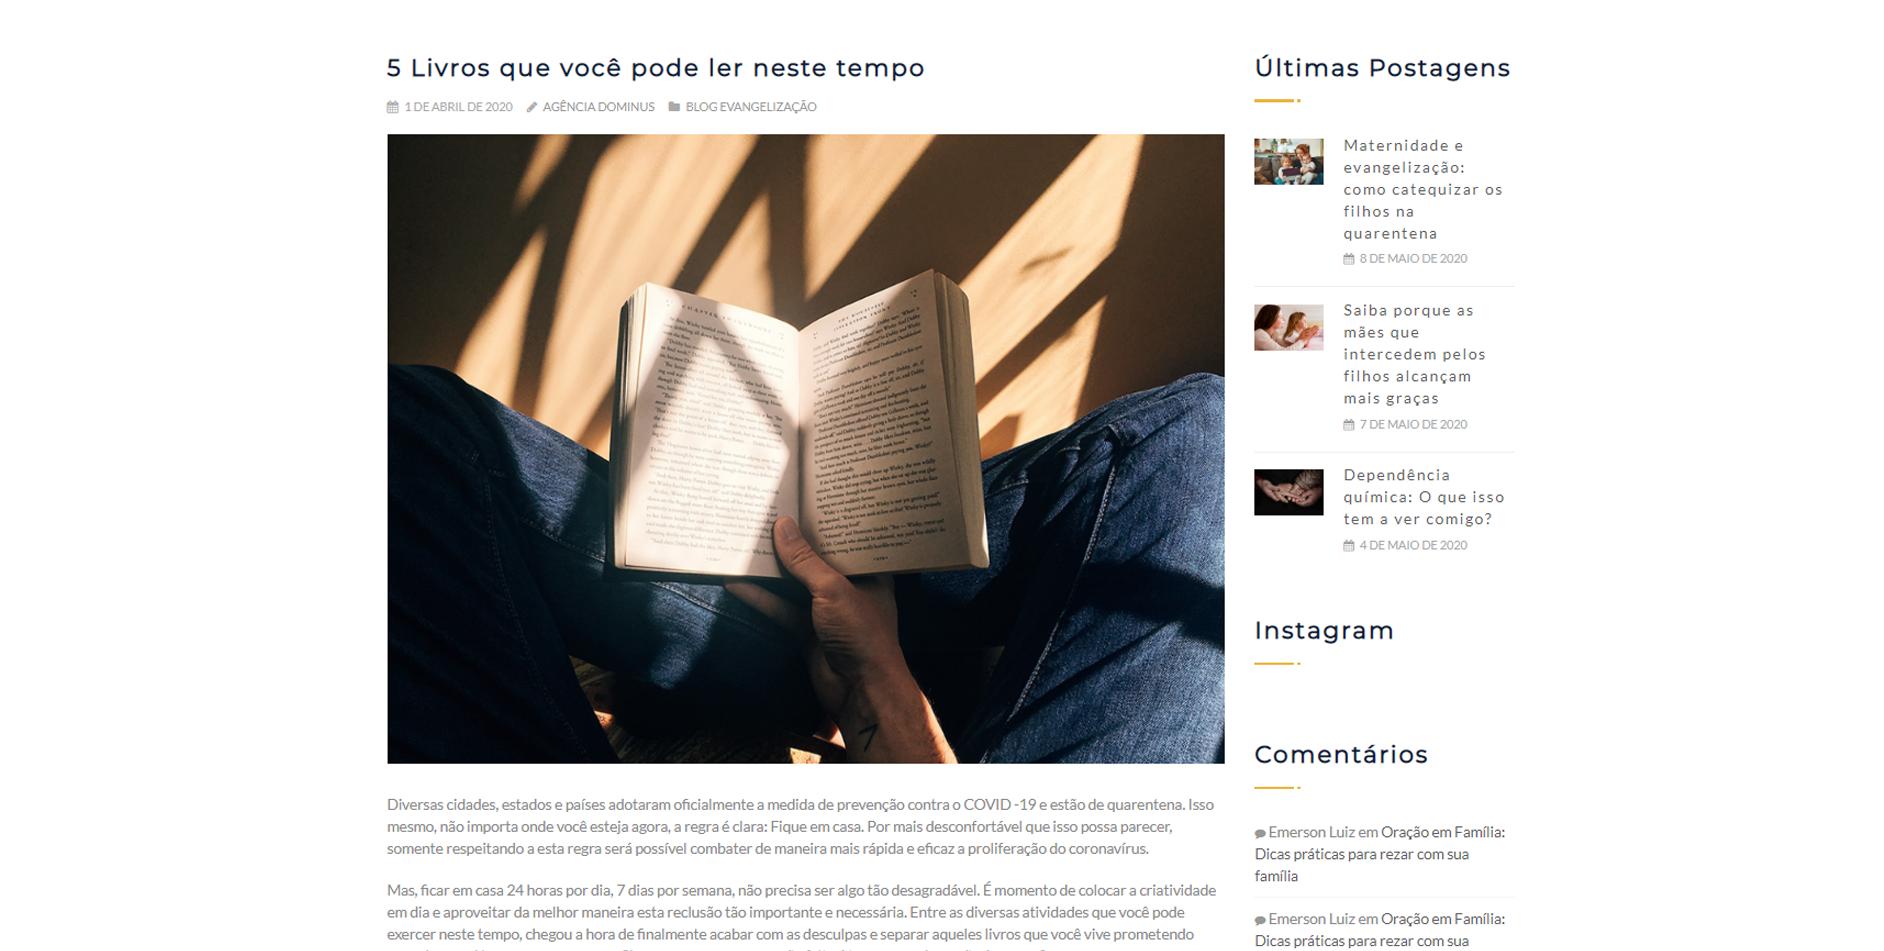 evangelização digital: blog posts